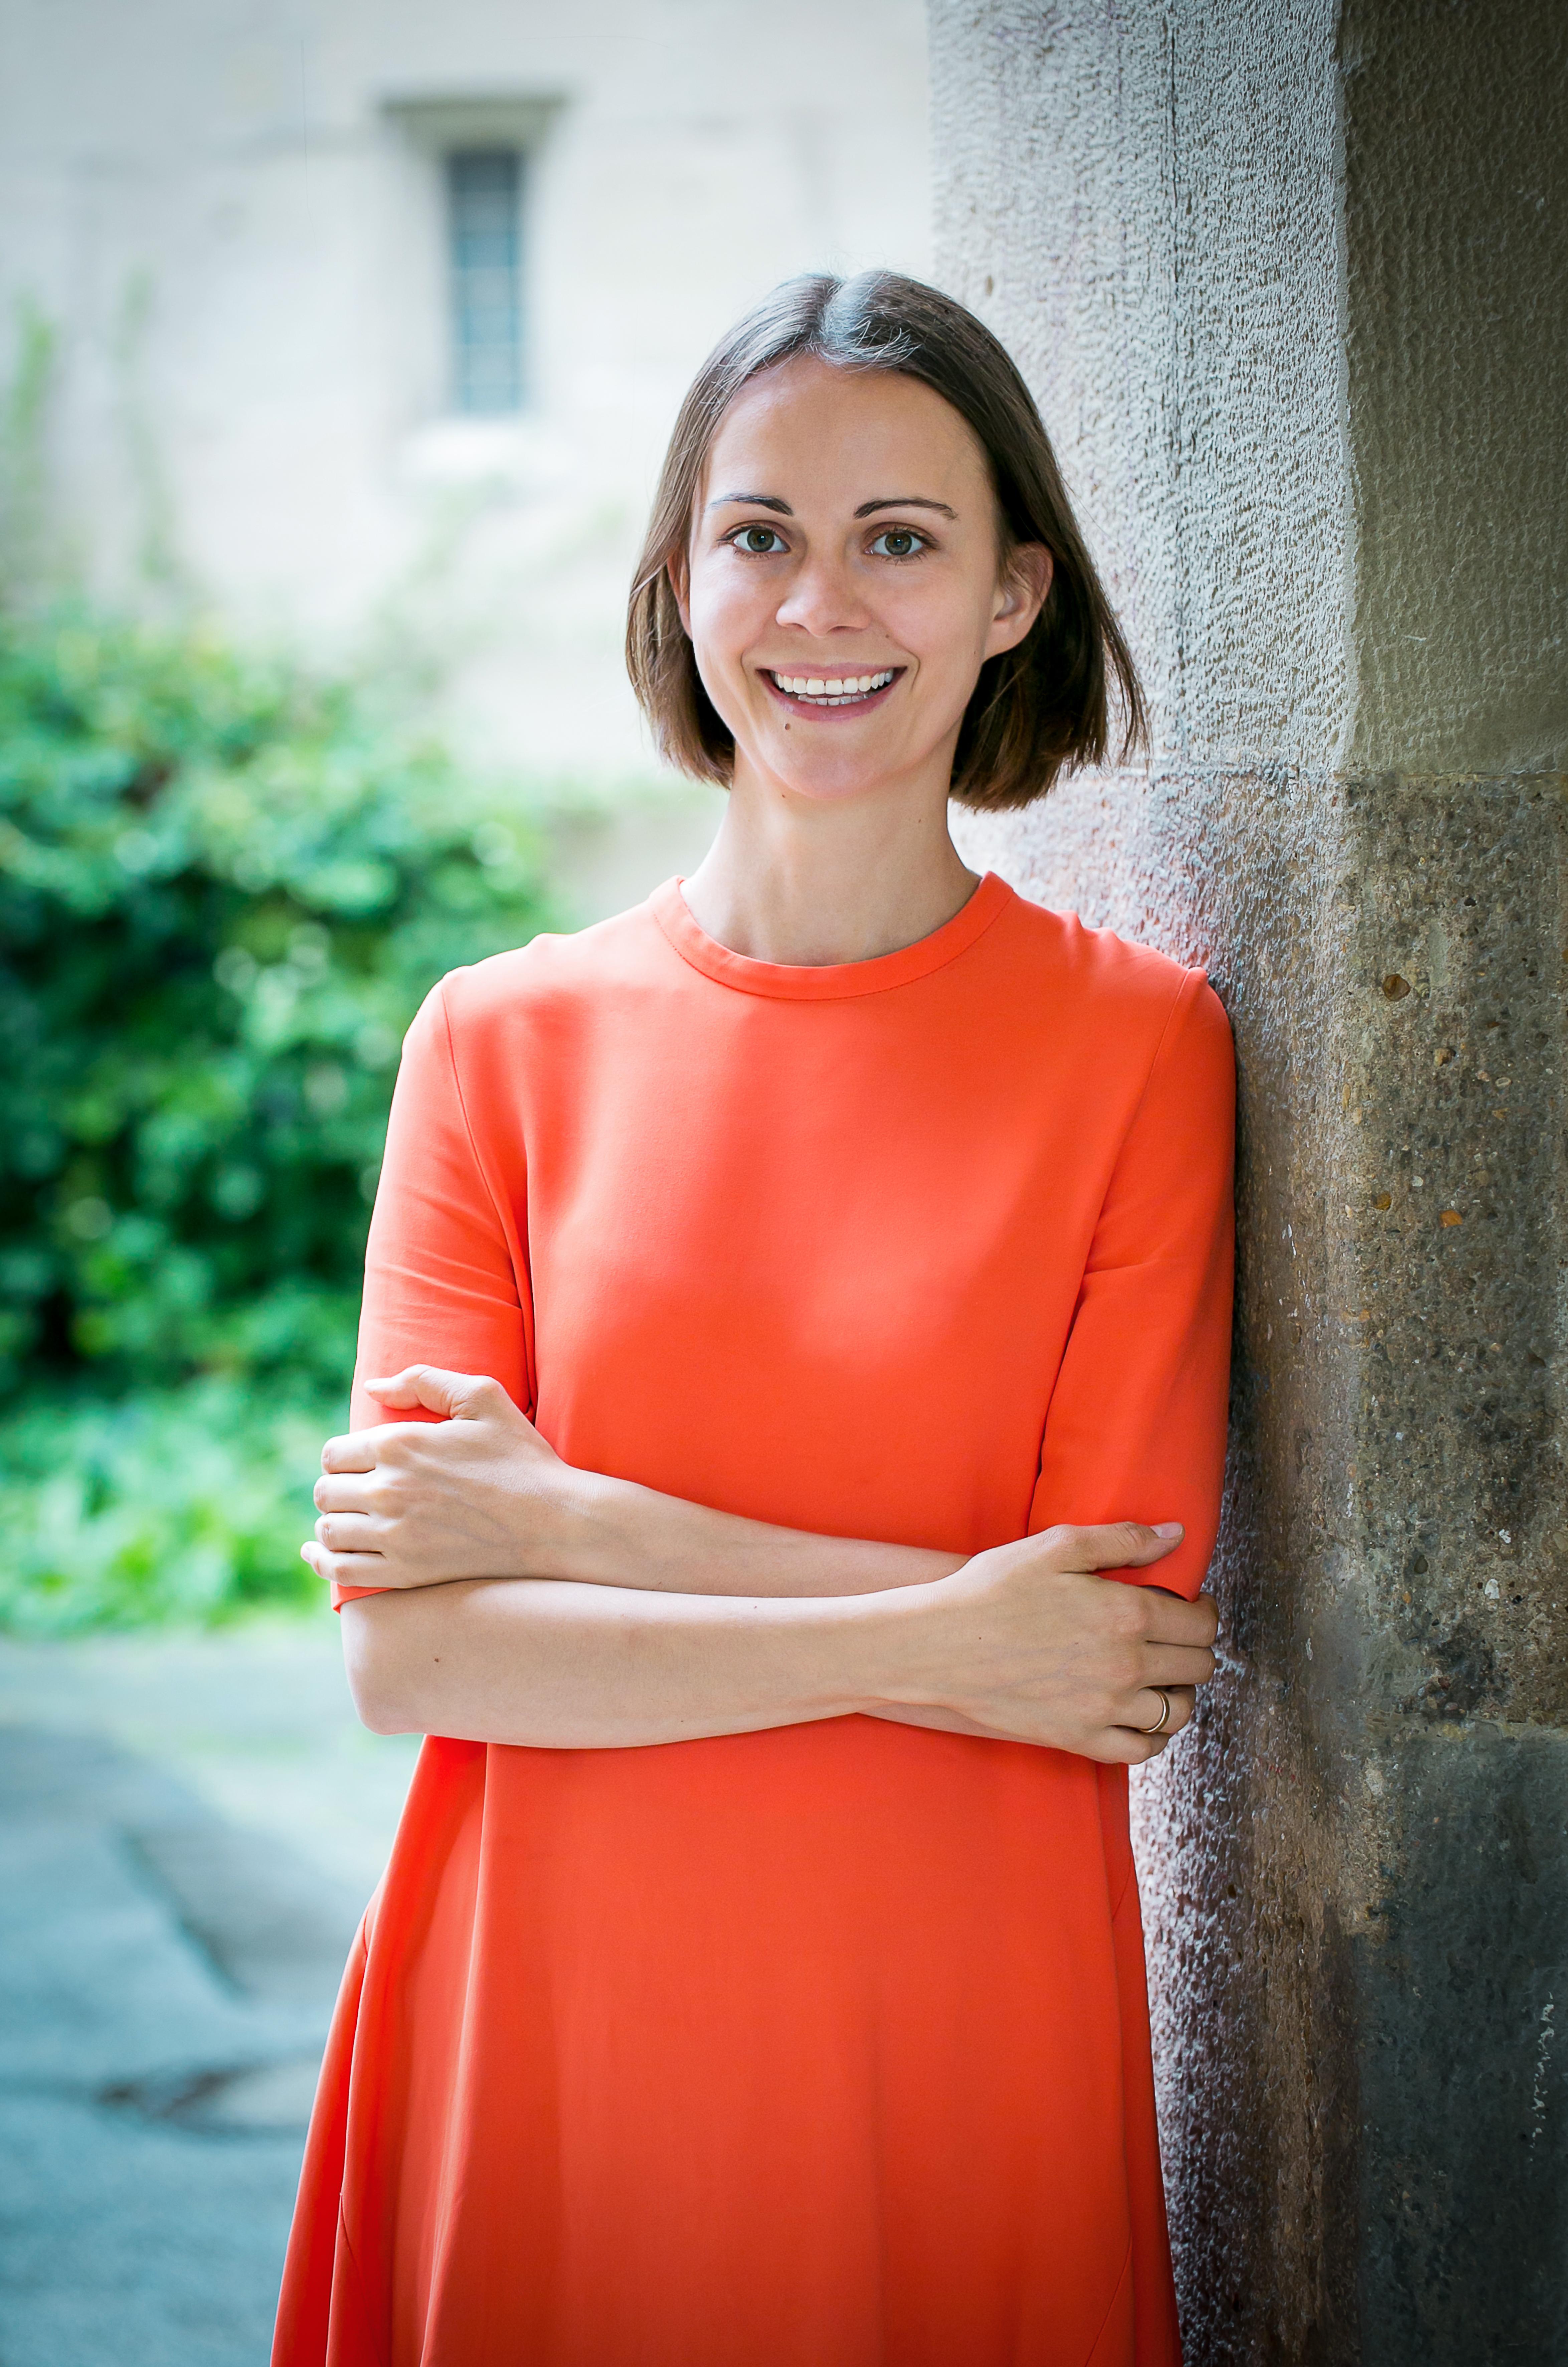 lächelnde, braunhaarige Frau in orangenem Kleid angelehnt an Mauer vor Grünstreifen